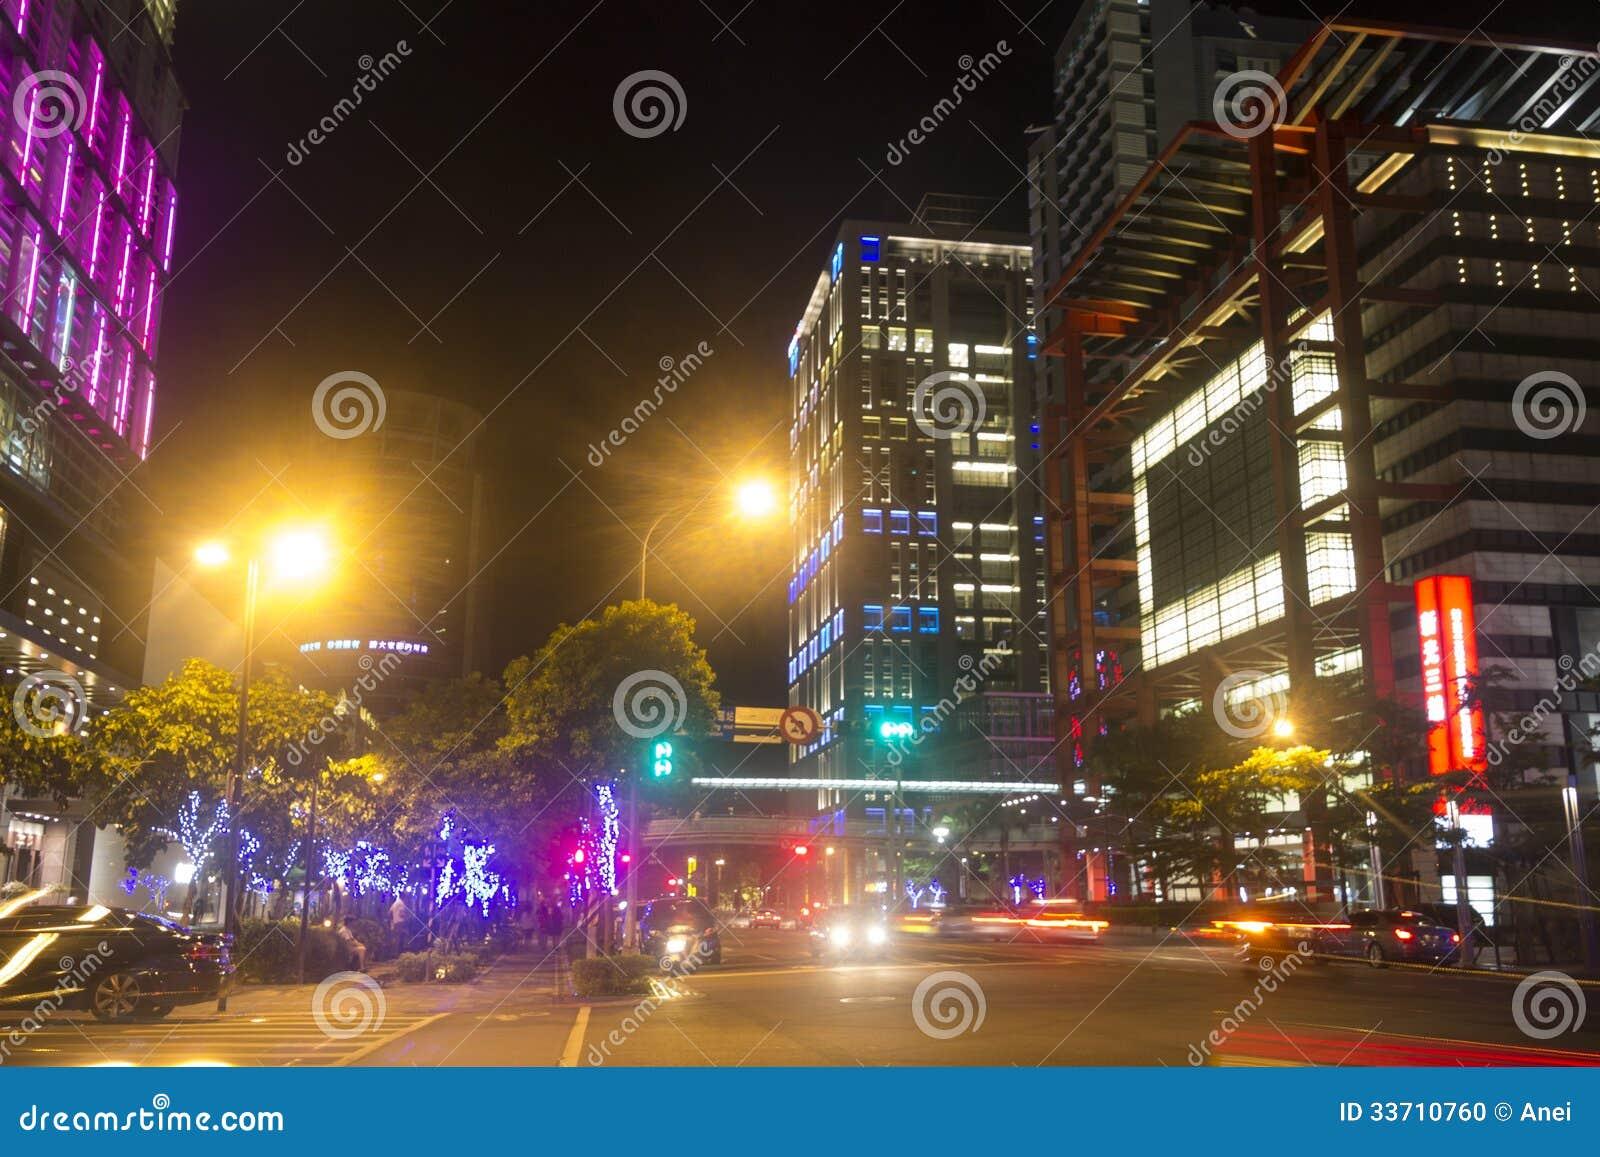 Luci Al Neon Per Ufficio.Via Della Citta Di Taipei Alla Notte Con Molte Luci Al Neon Immagine